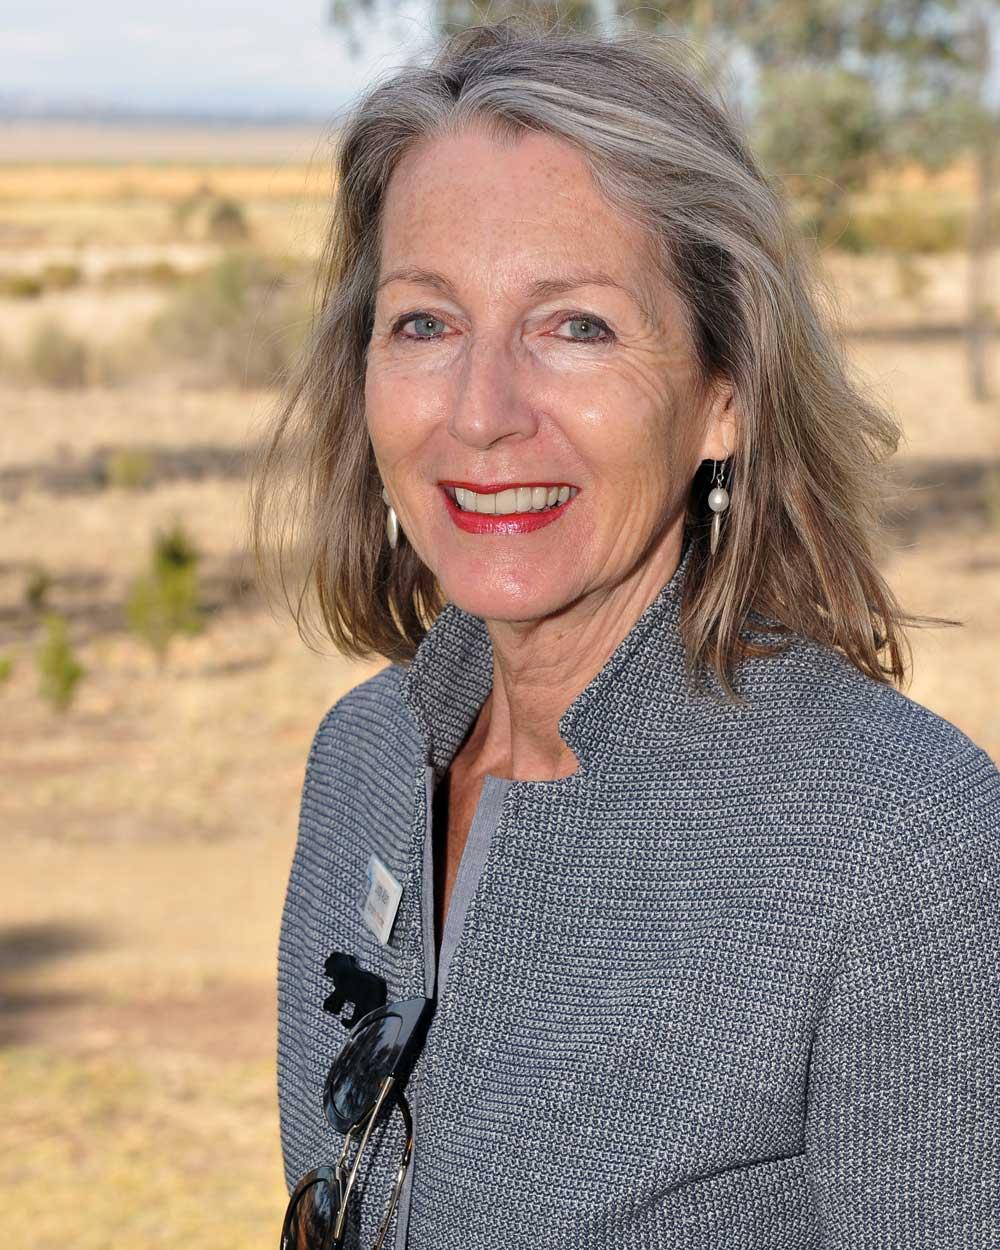 Lindy Allen, Member